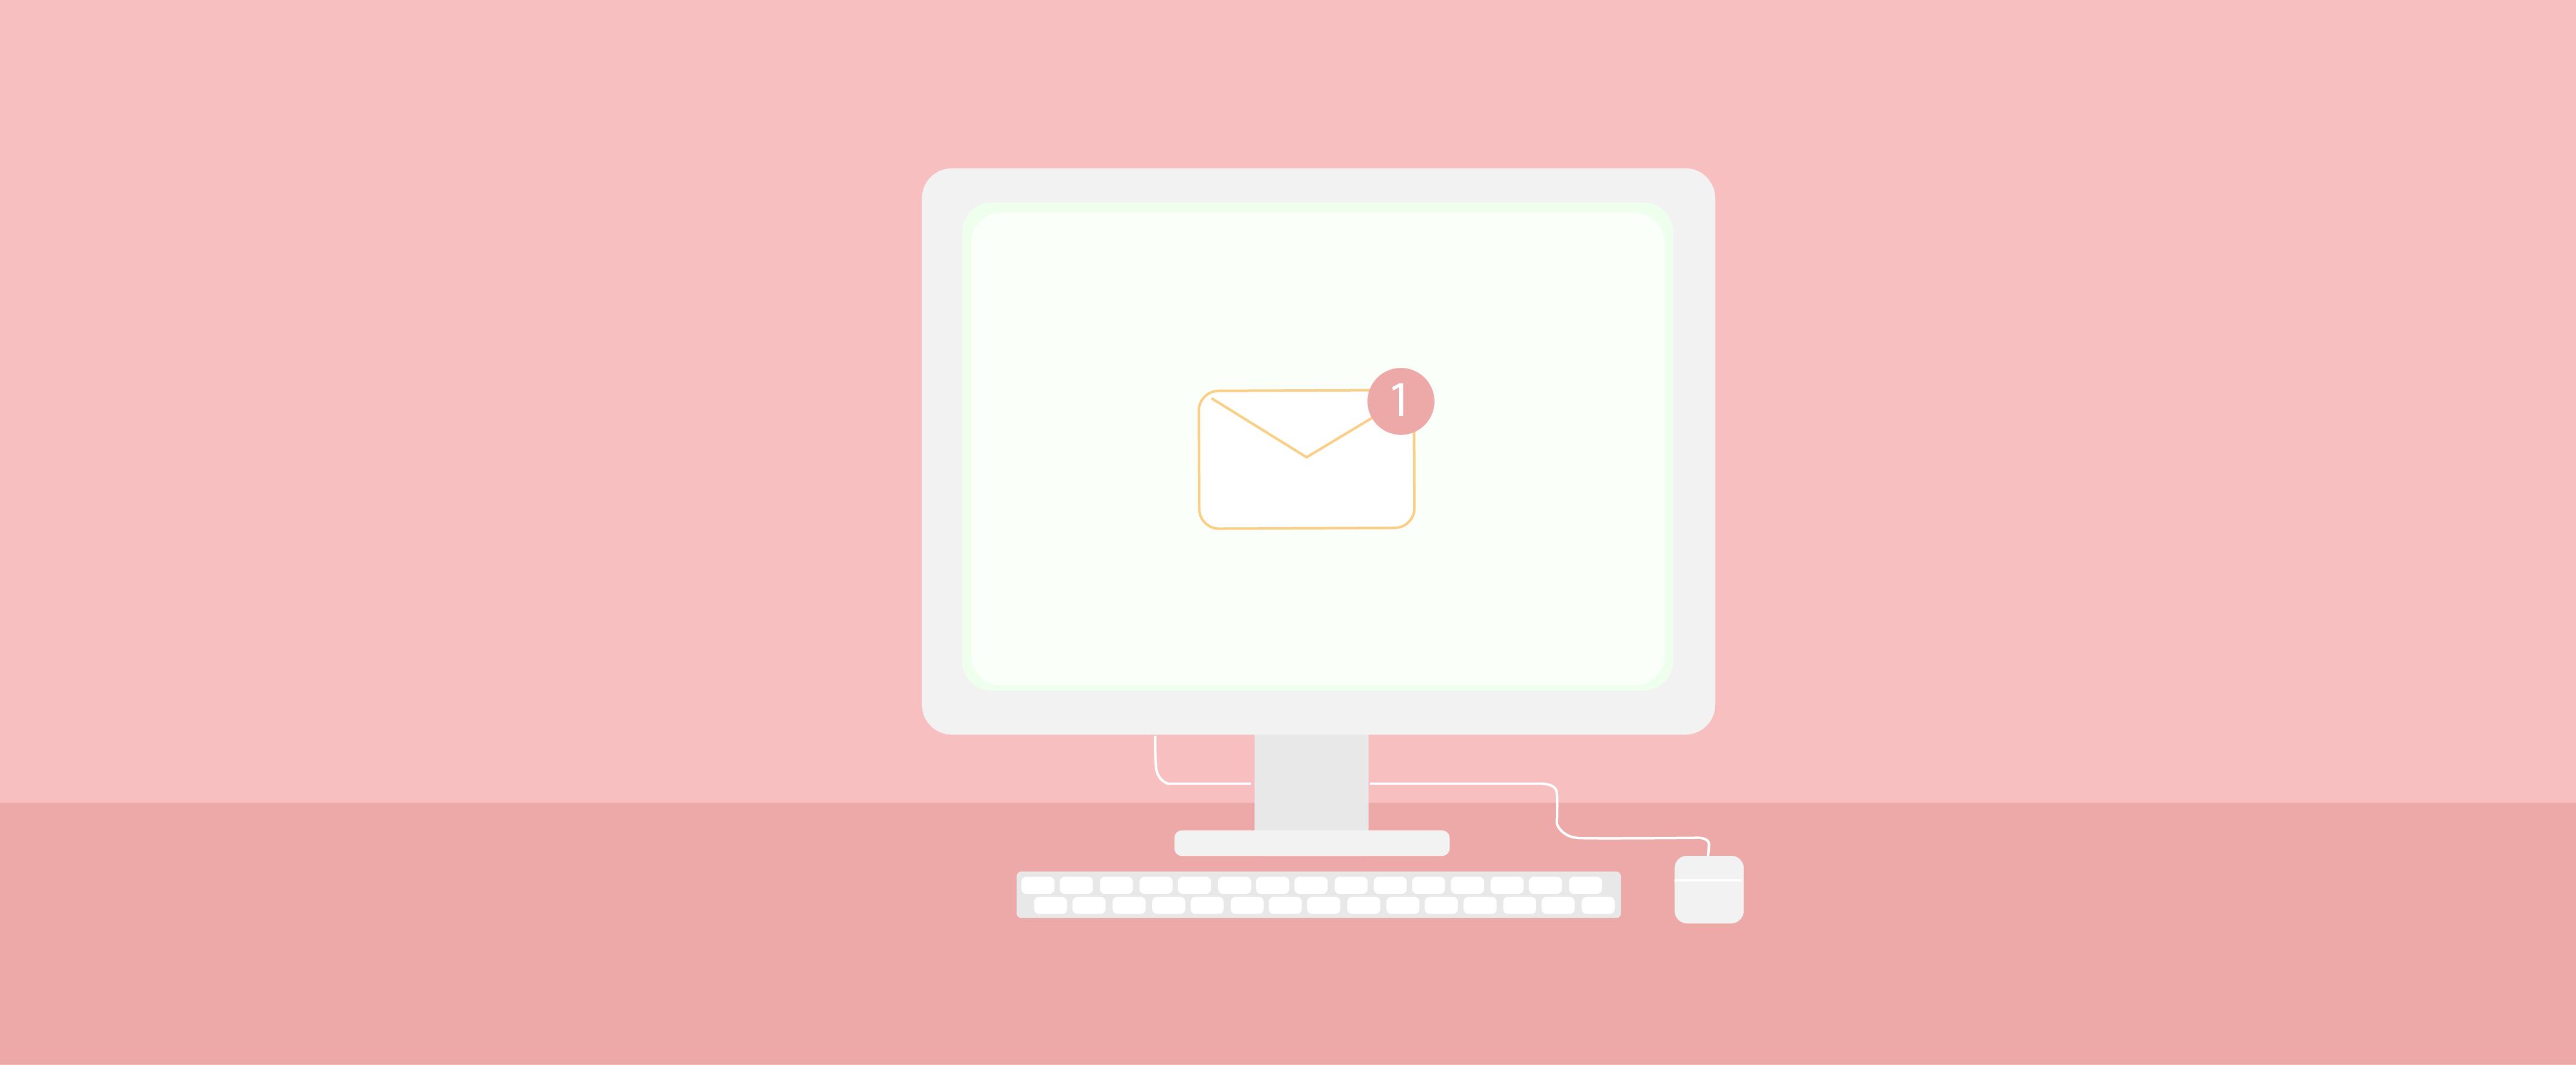 1 nghìn lẻ 1 lý do khiến Email Marketing bị rơi vào spam và các cách khắc phục